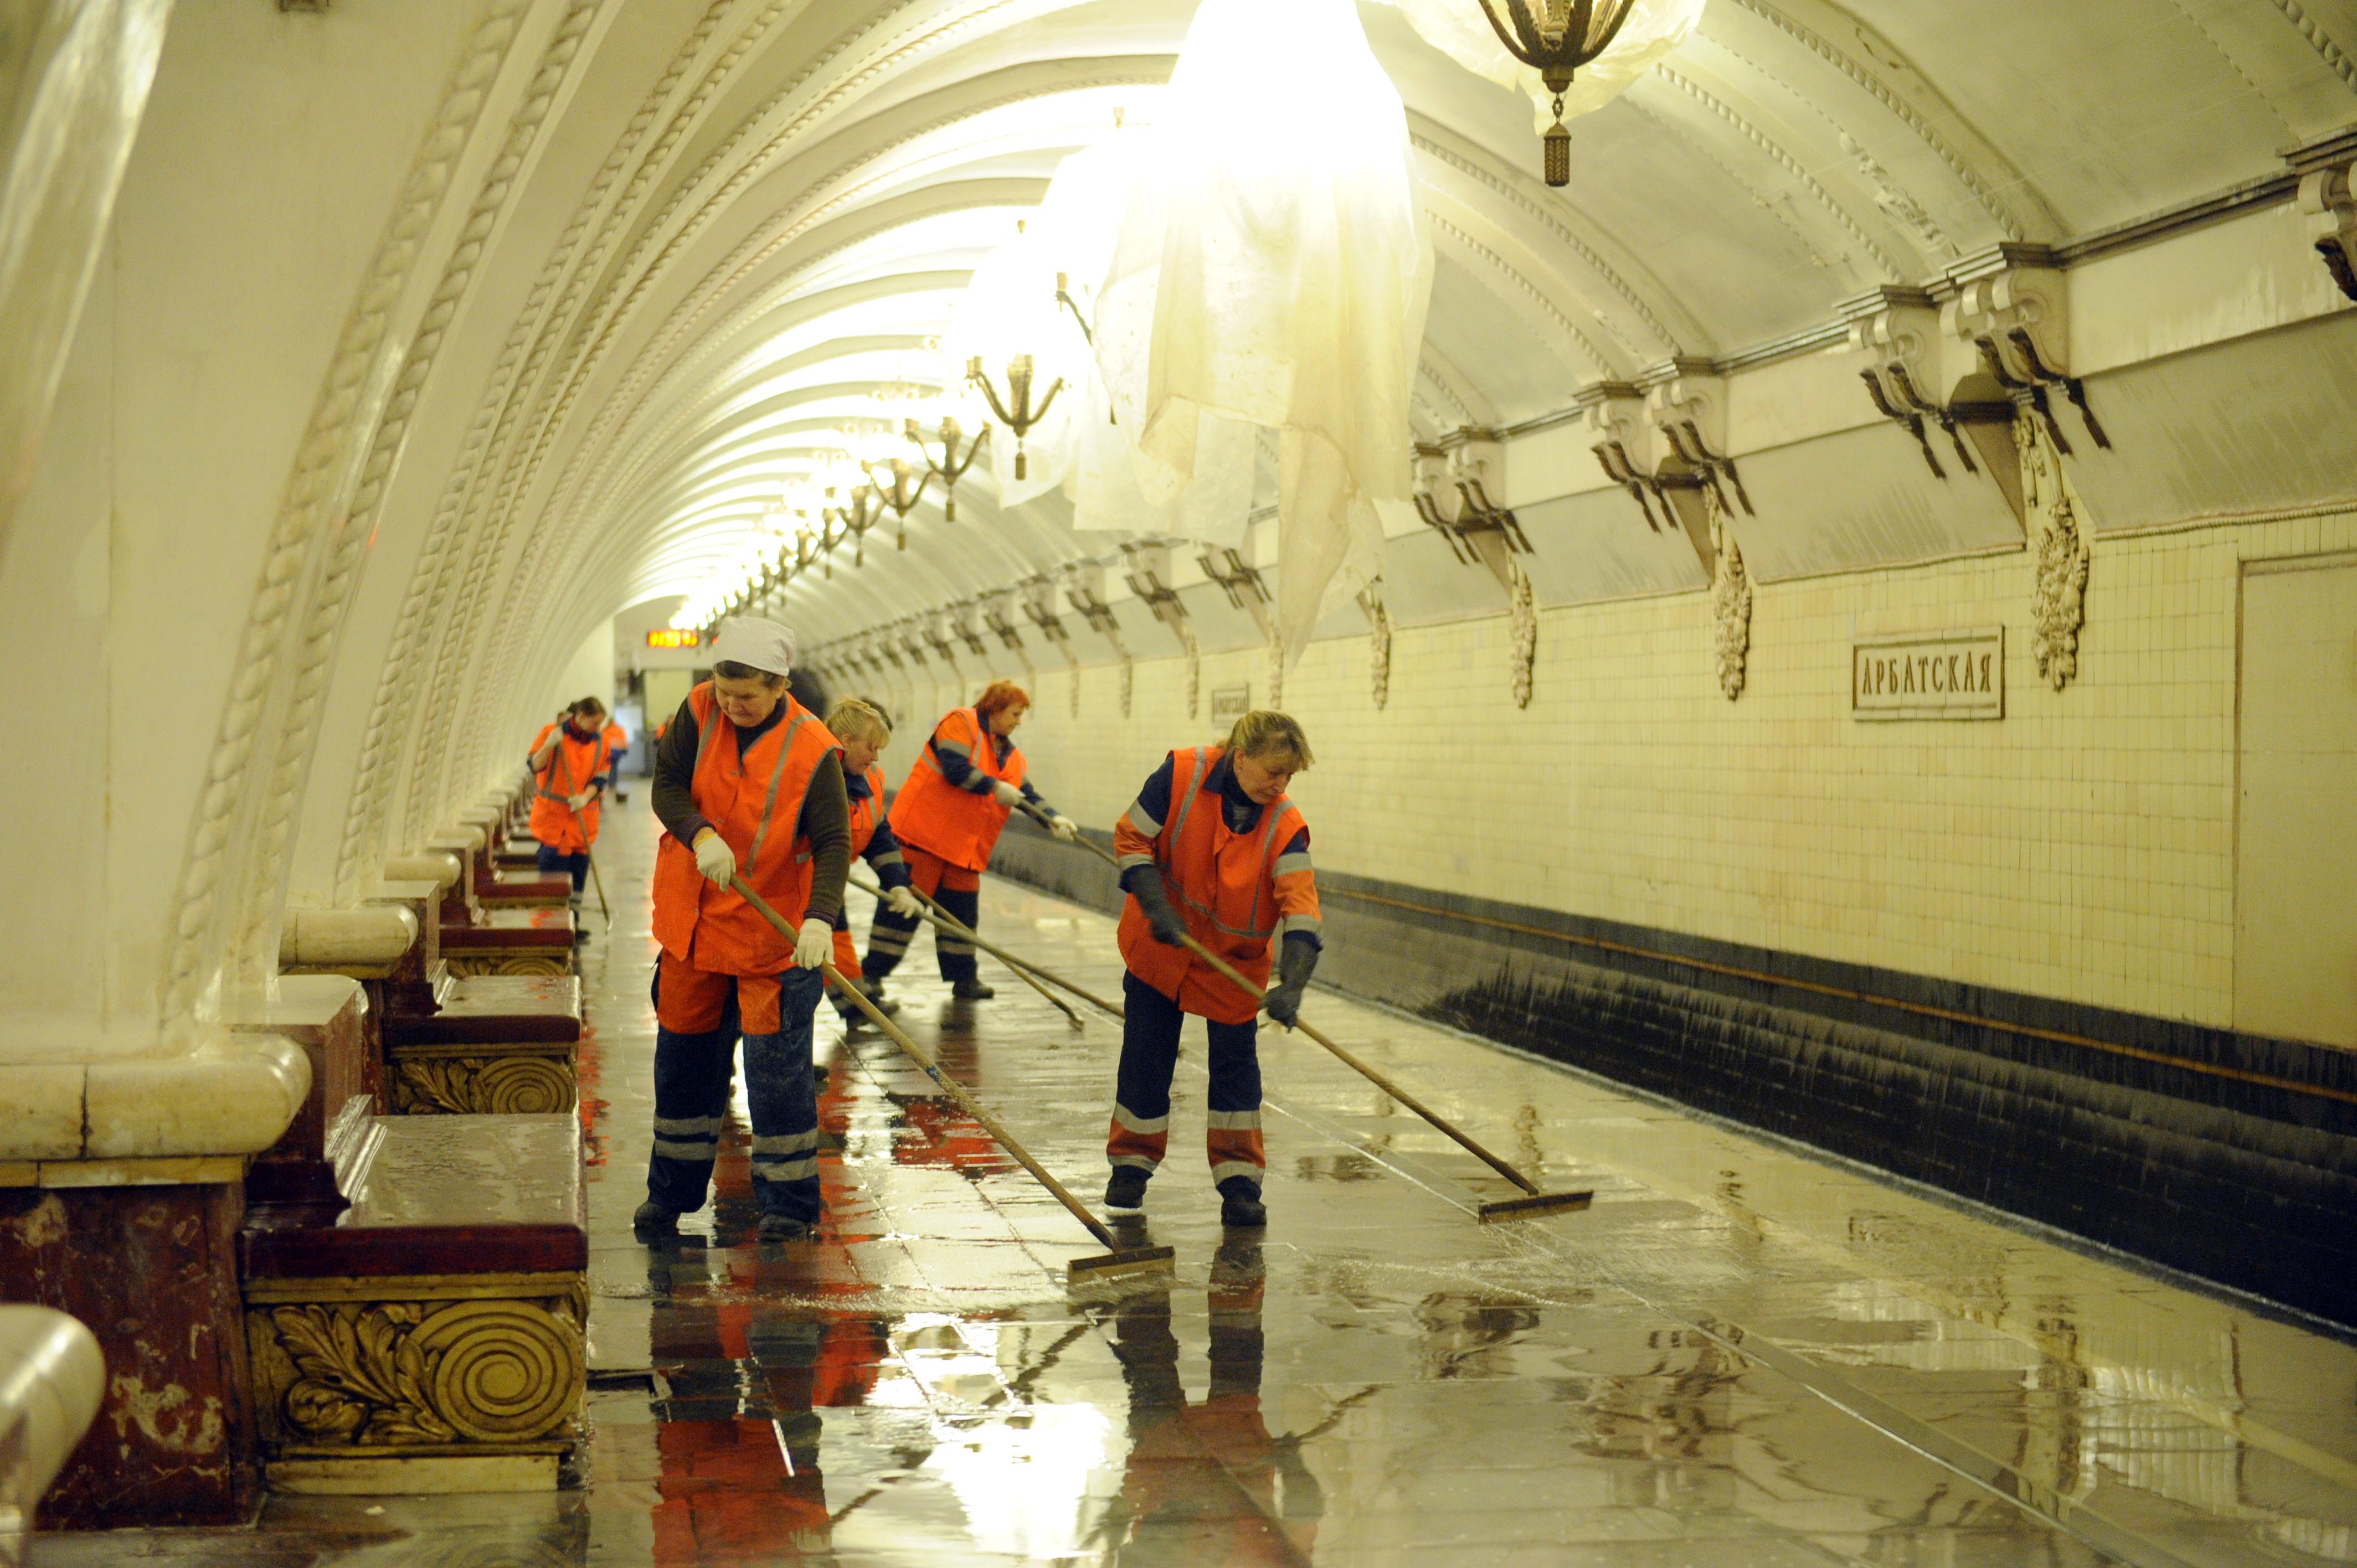 Шампунь приготовили для промывки станций метро ко Дню города